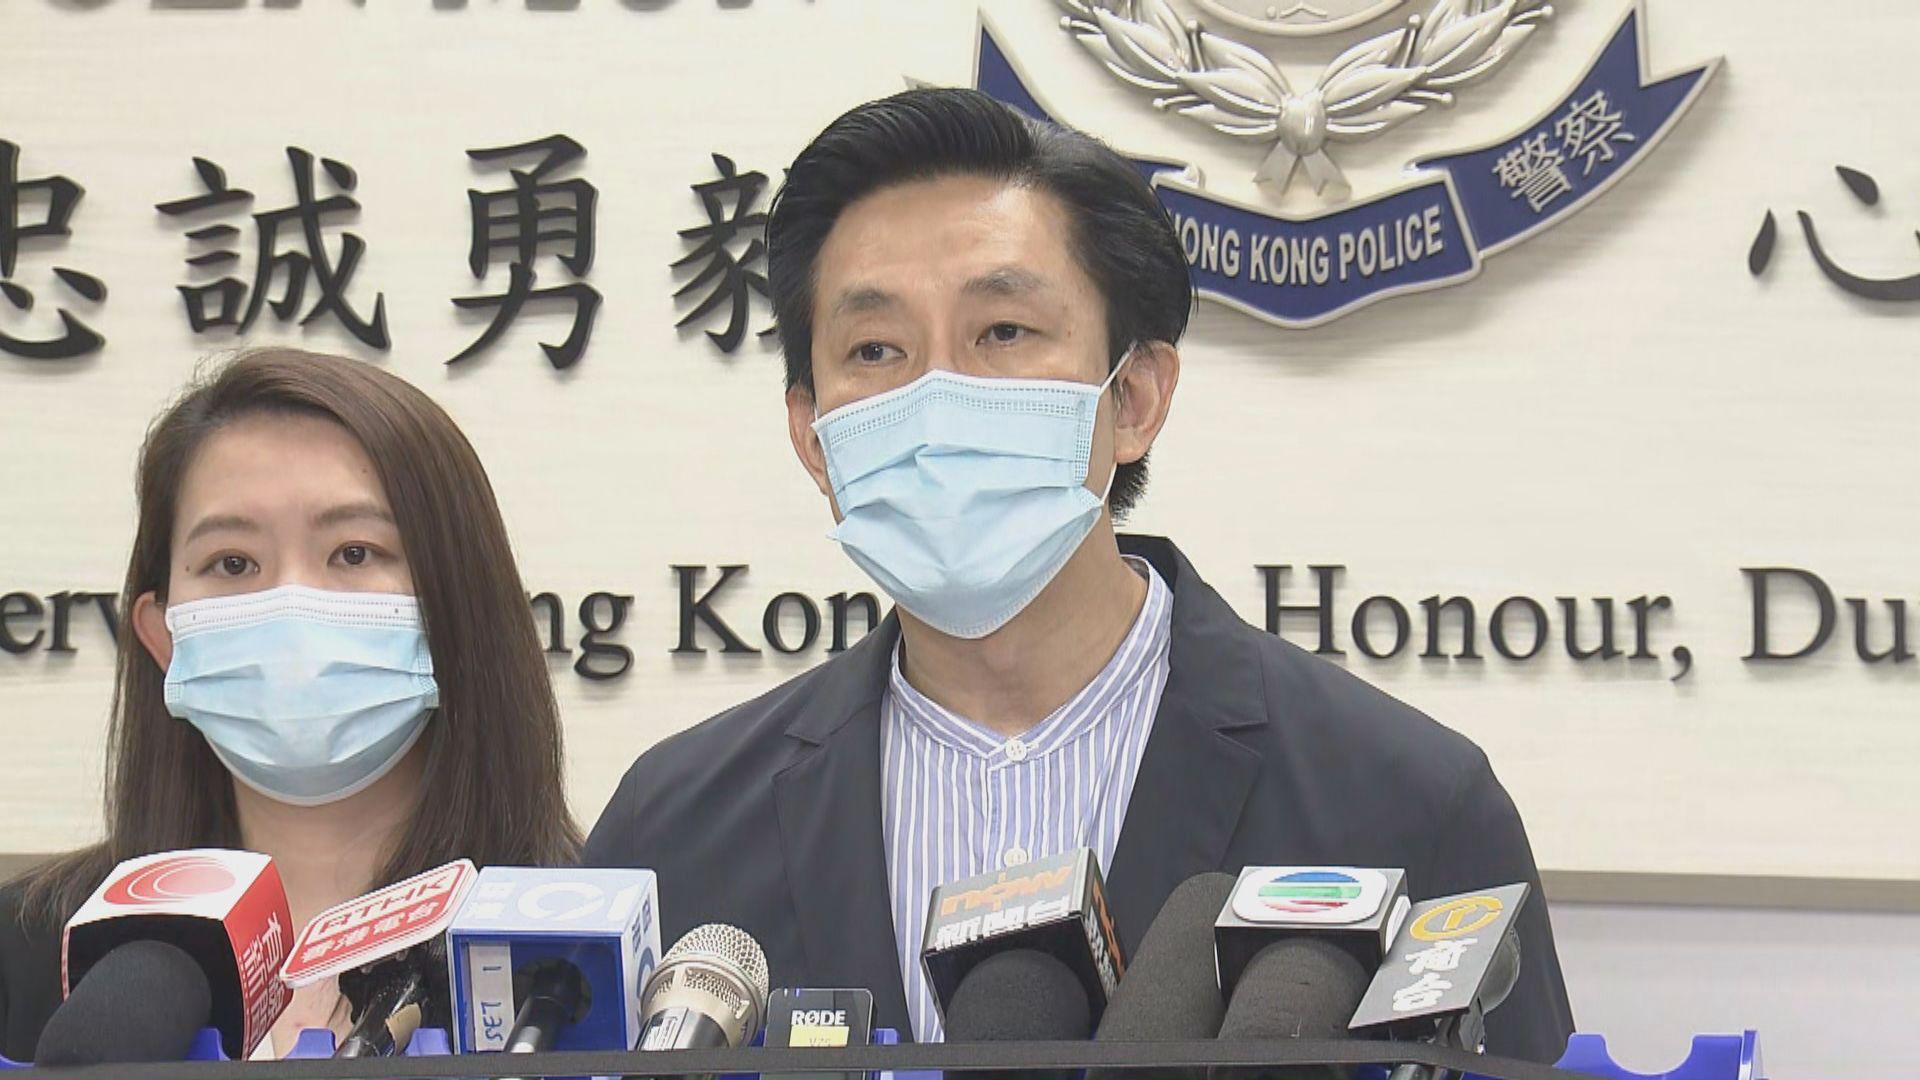 屯門安老院謀殺案 警方:會調查疑兇精神狀態